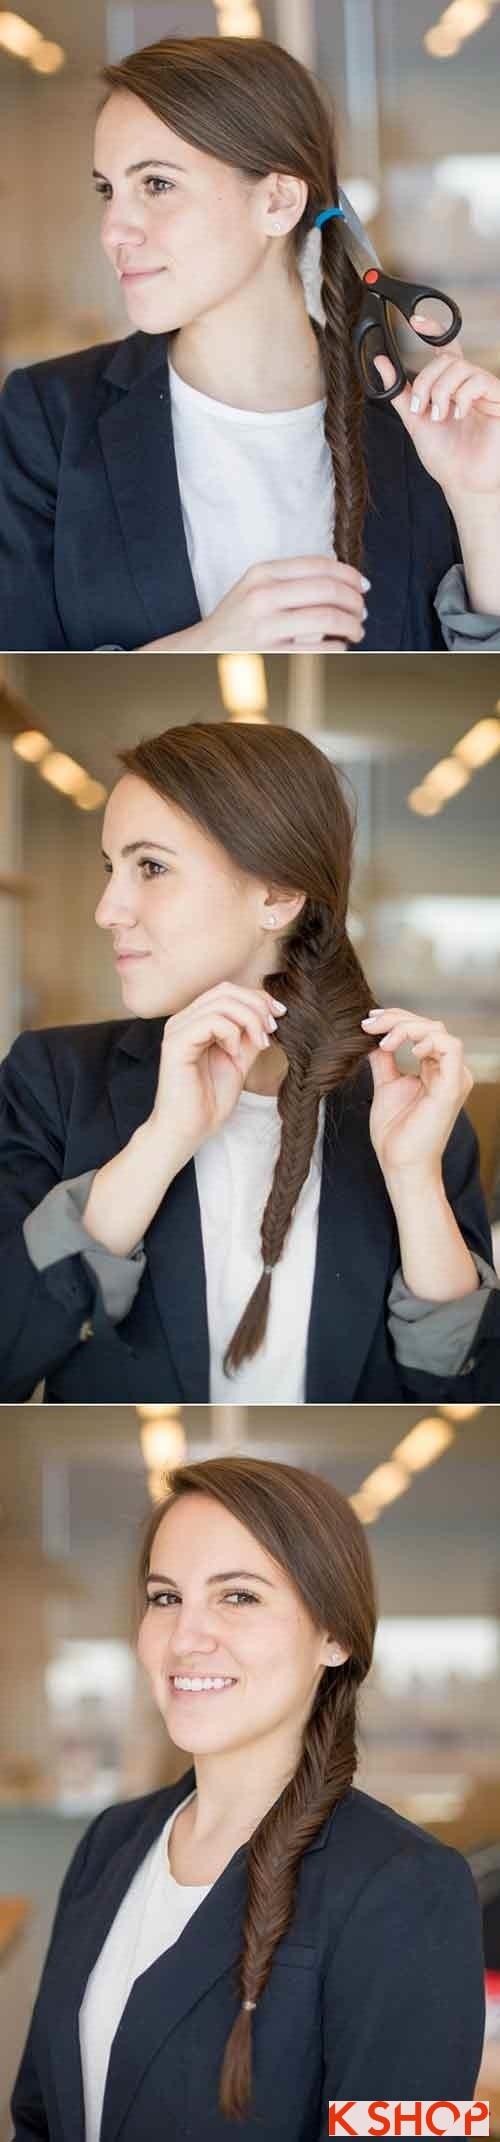 Những kiểu tóc đẹp đơn giản cho bạn gái tới công sở phần 7